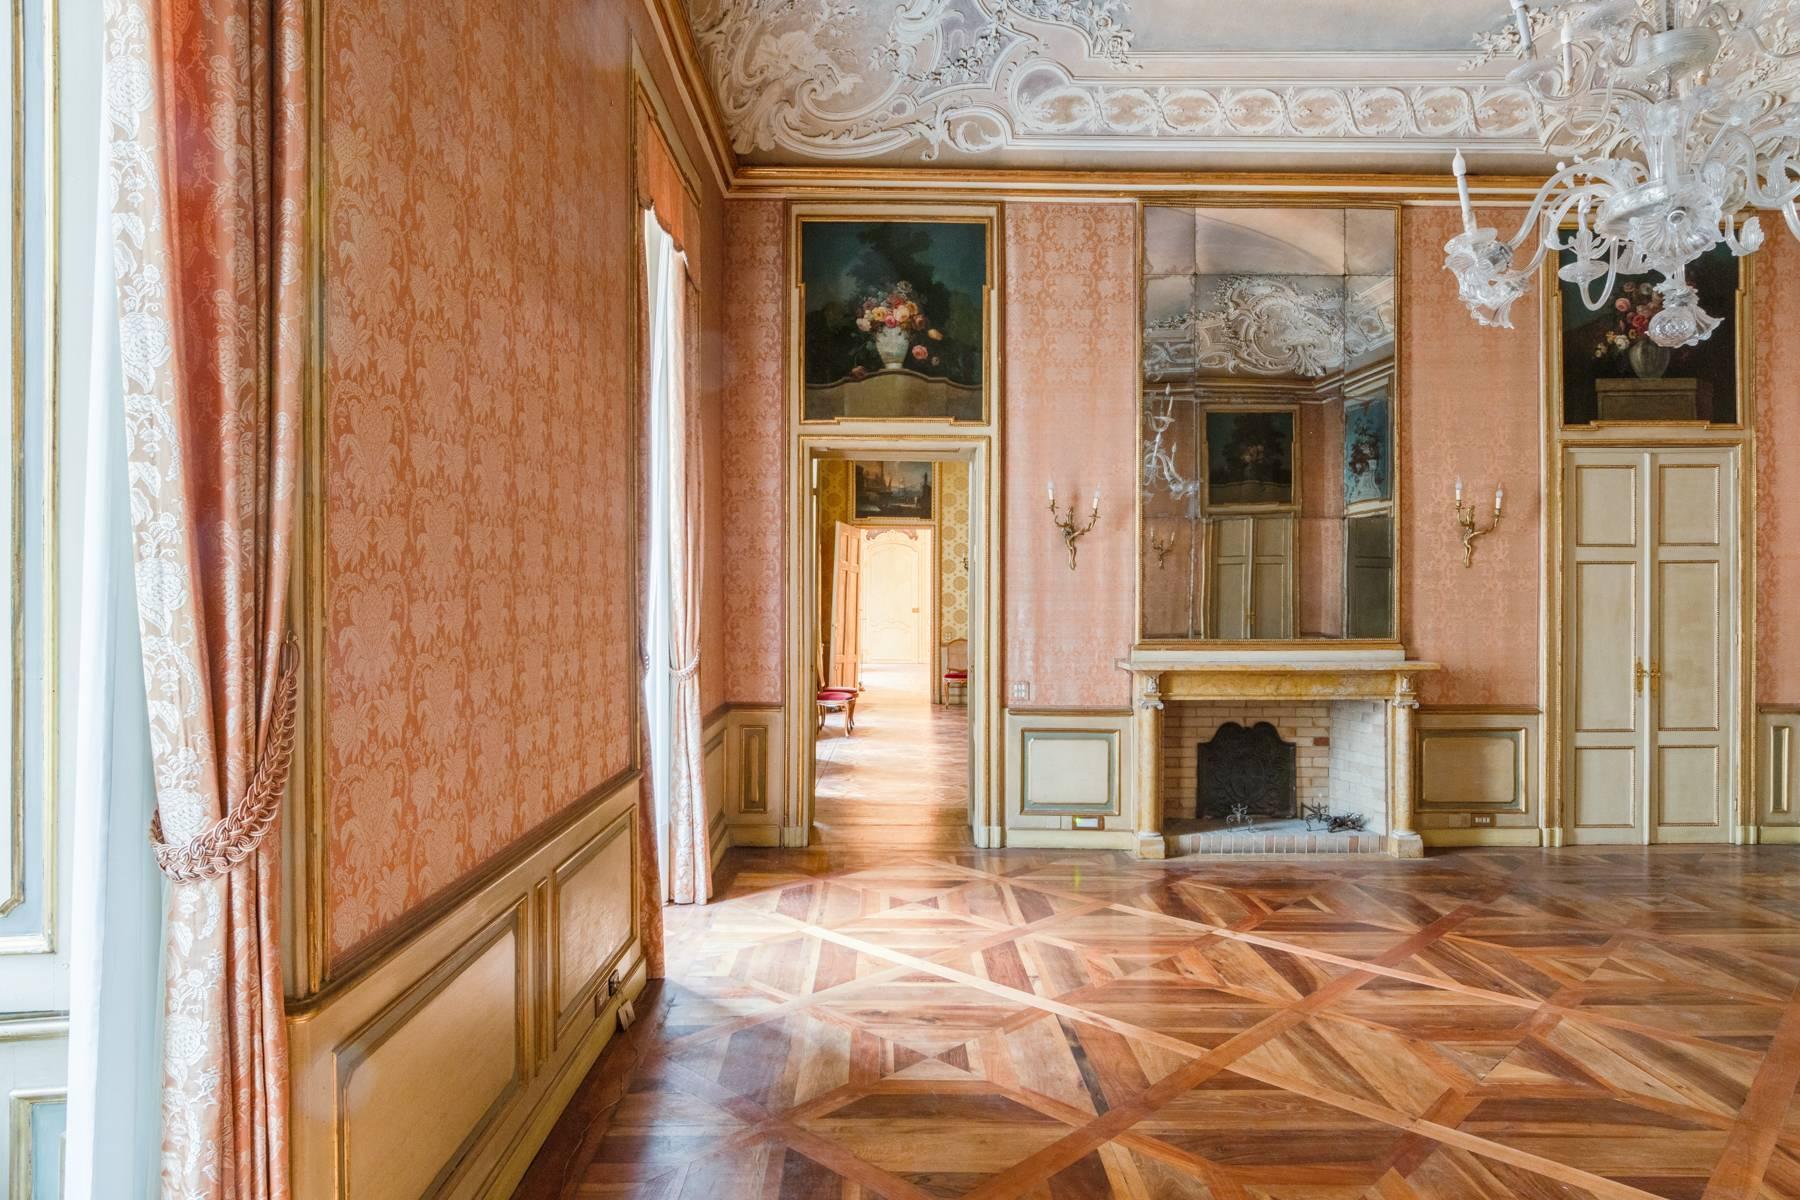 Luxus-Wohnung im historischen Palast - 12